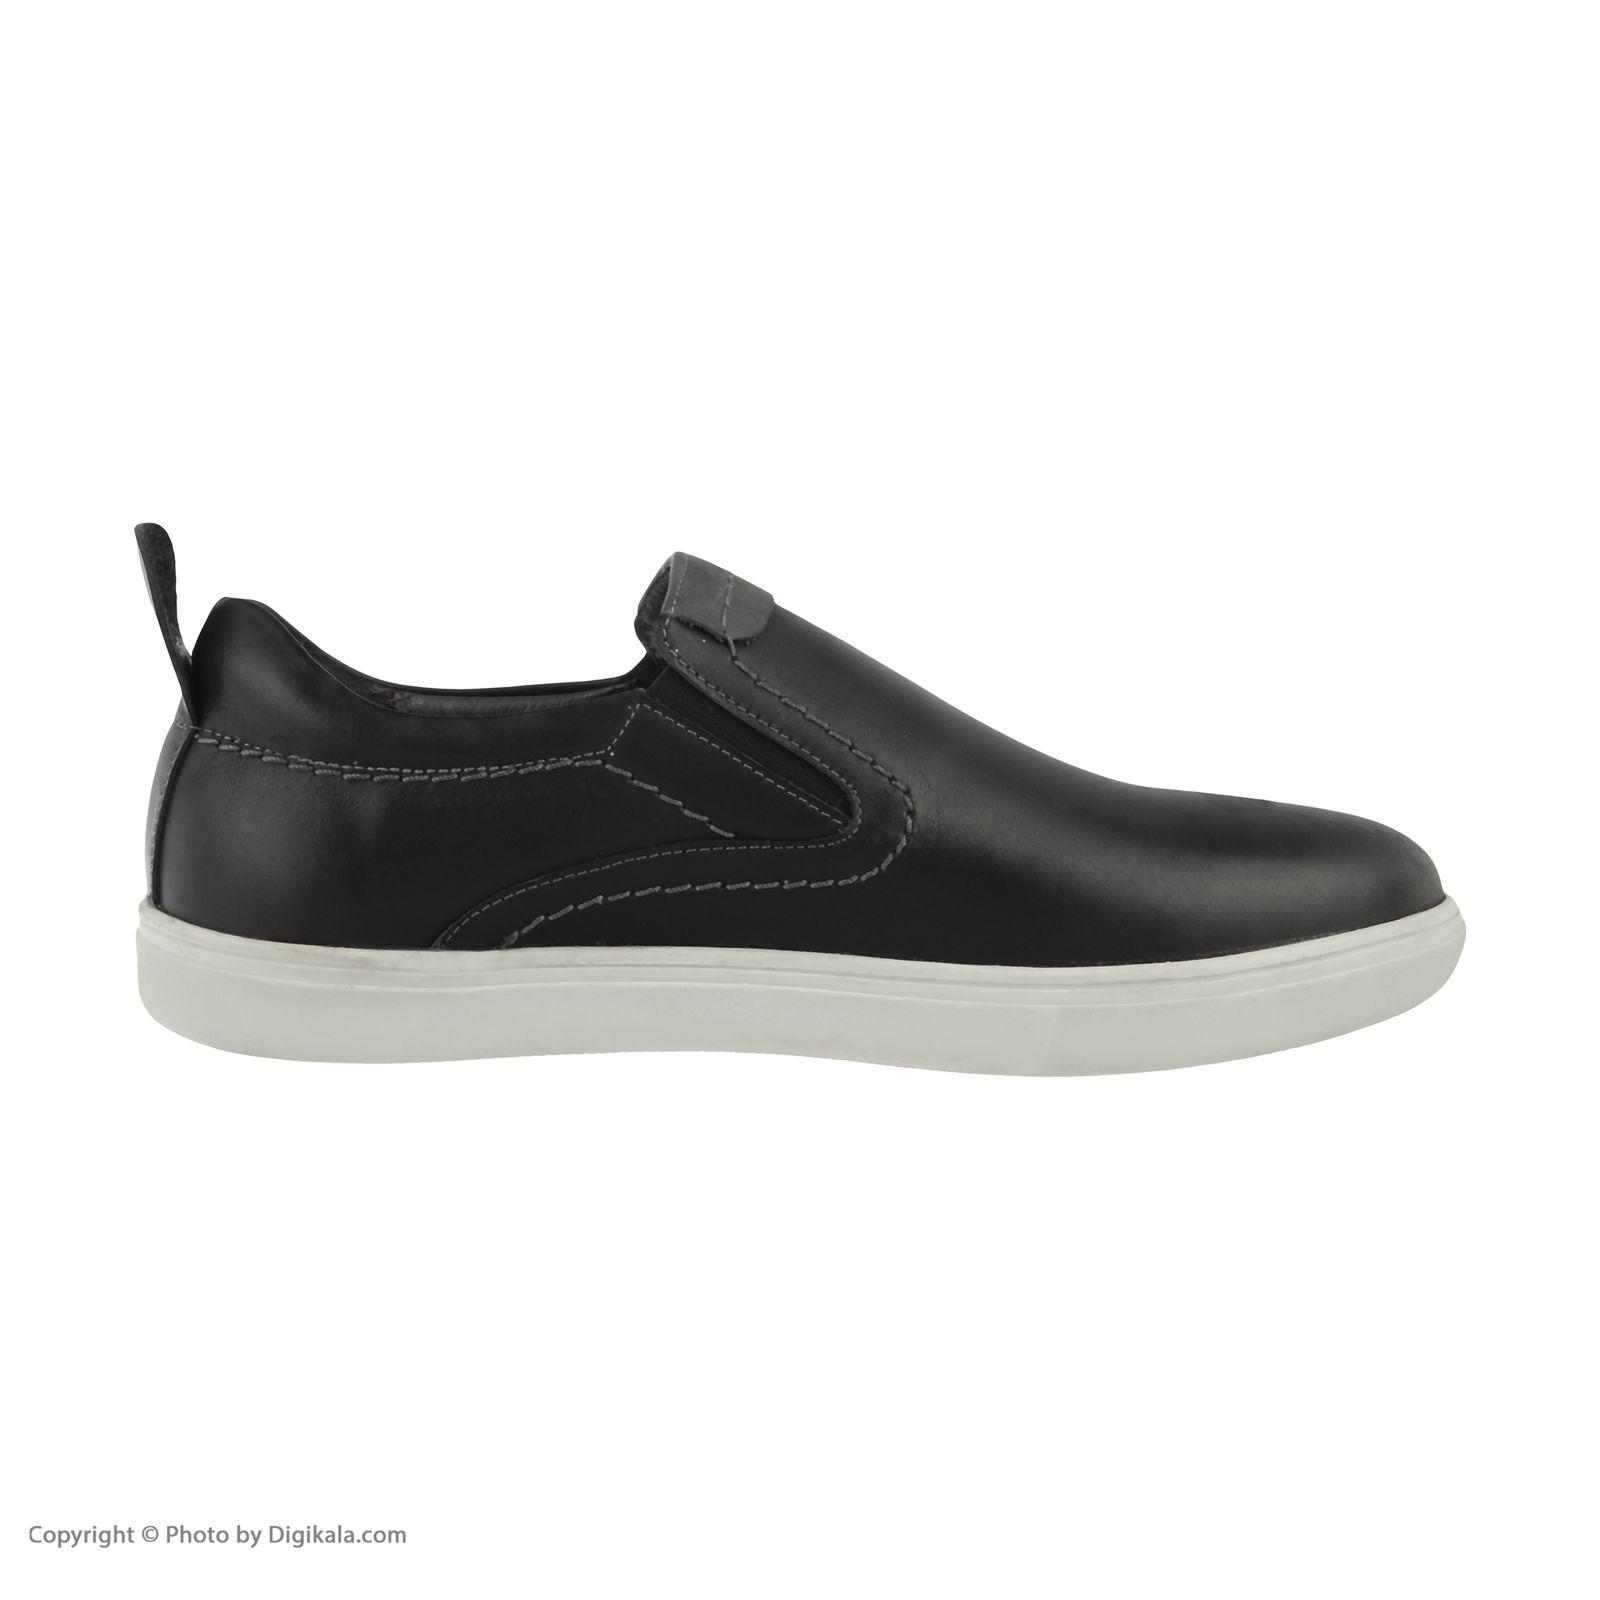 کفش روزمره مردانه سوته مدل 5038A503101 -  - 6